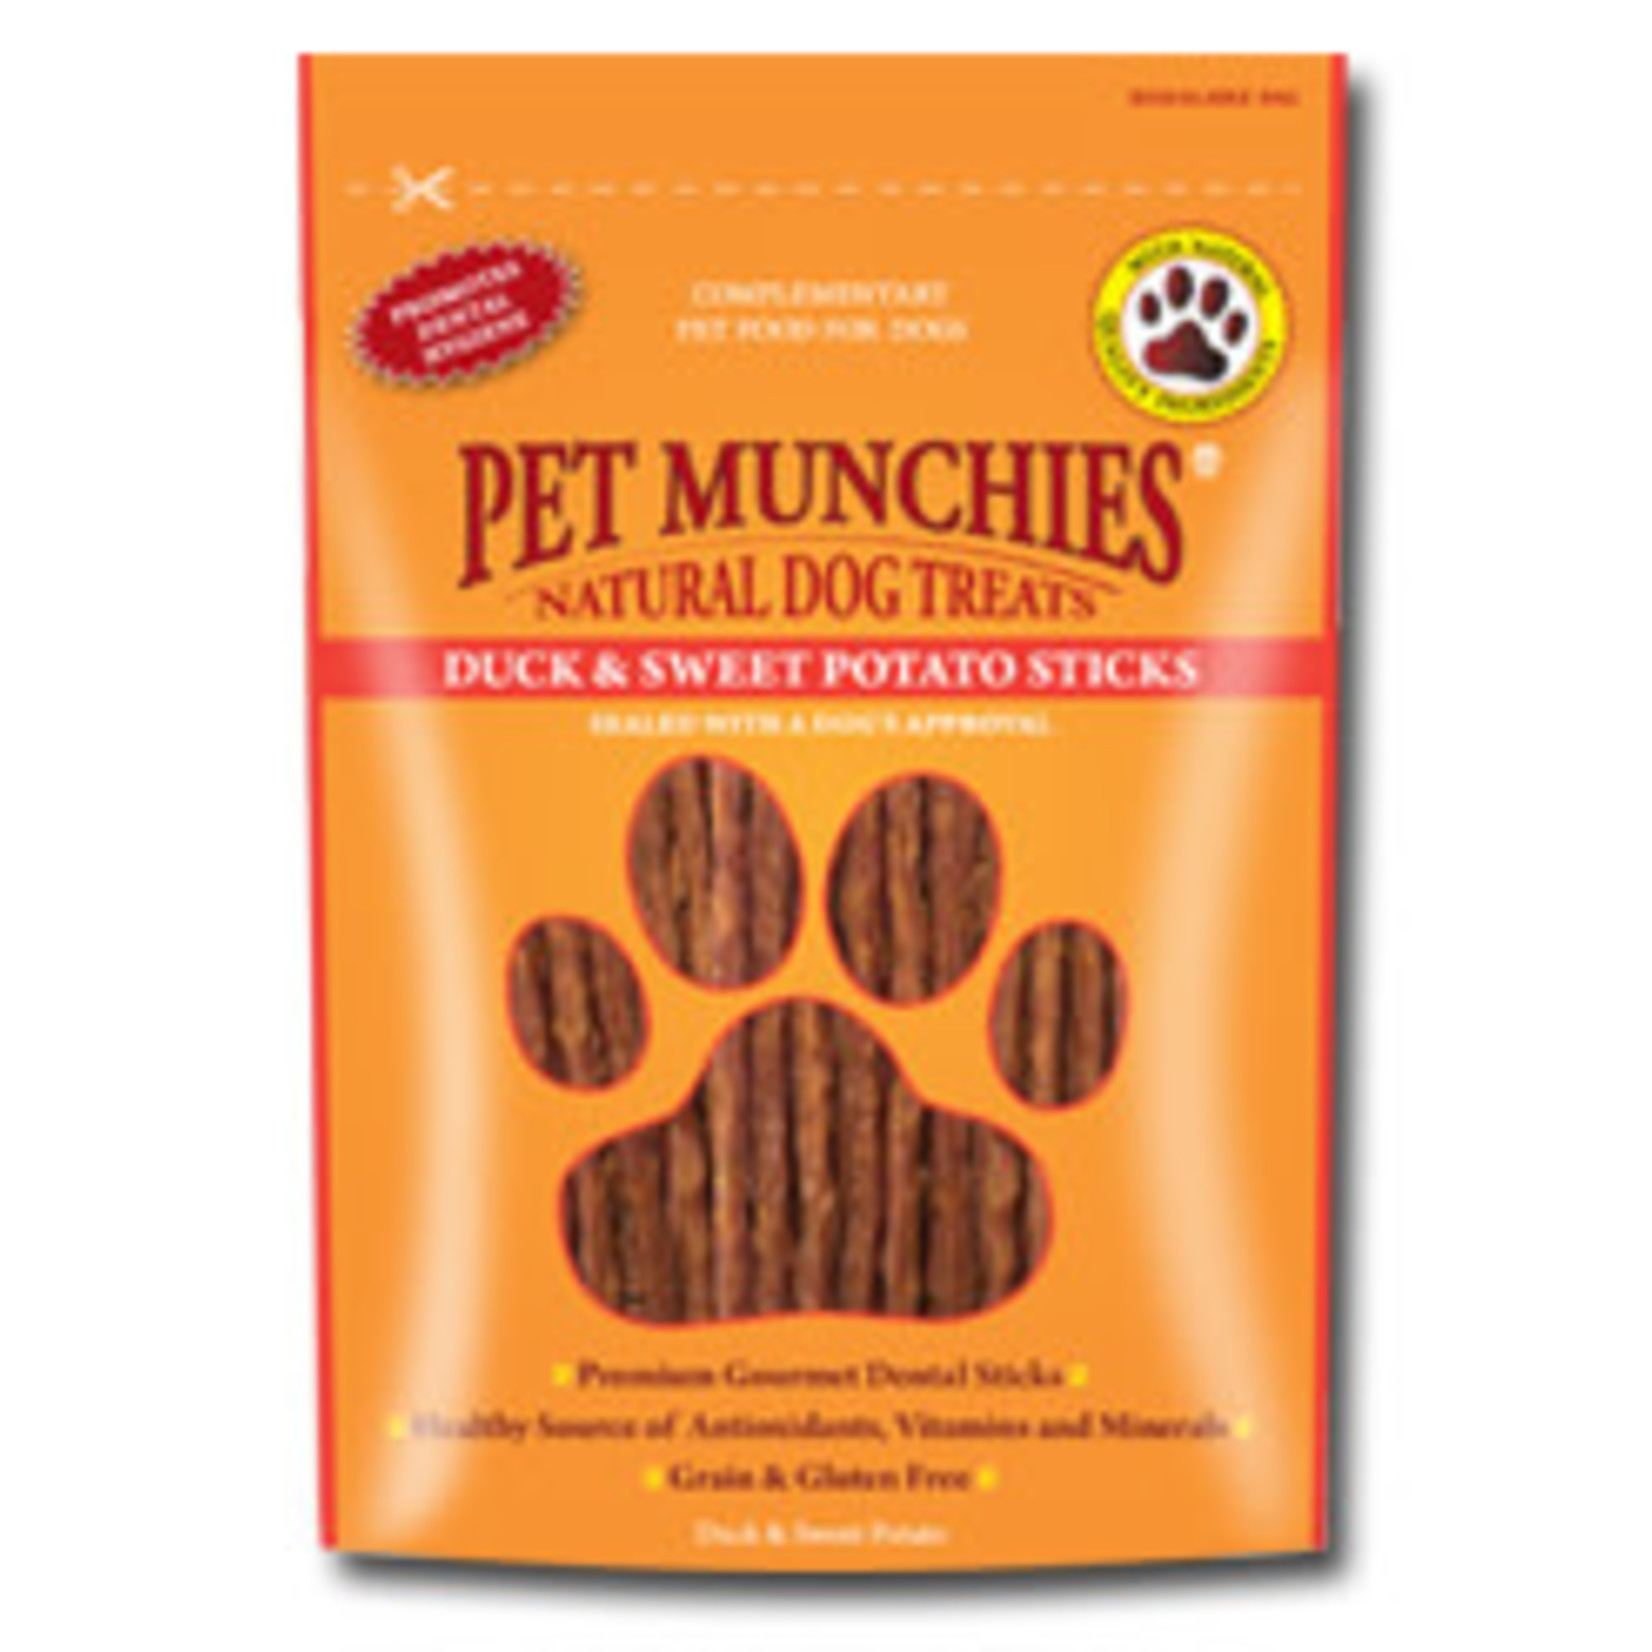 Pet Munchies Duck & Sweet Potato Sticks 100% Natural Dog Treats, 90g